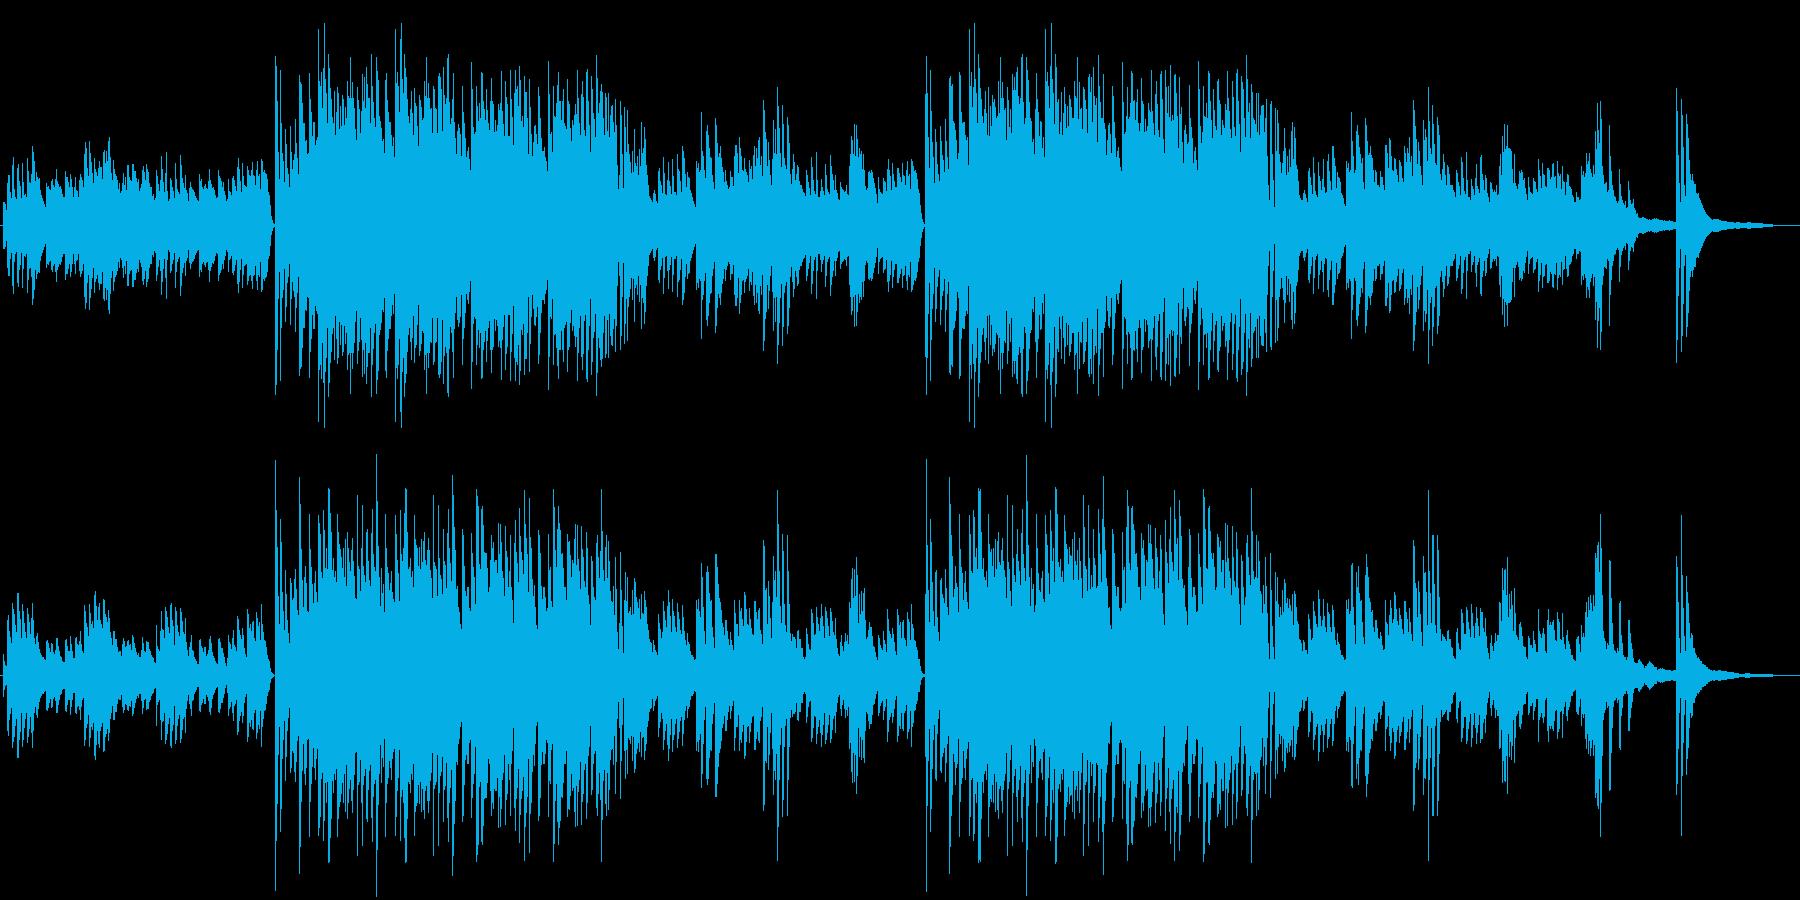 優雅で美しいメロディの中華風ピアノBGMの再生済みの波形